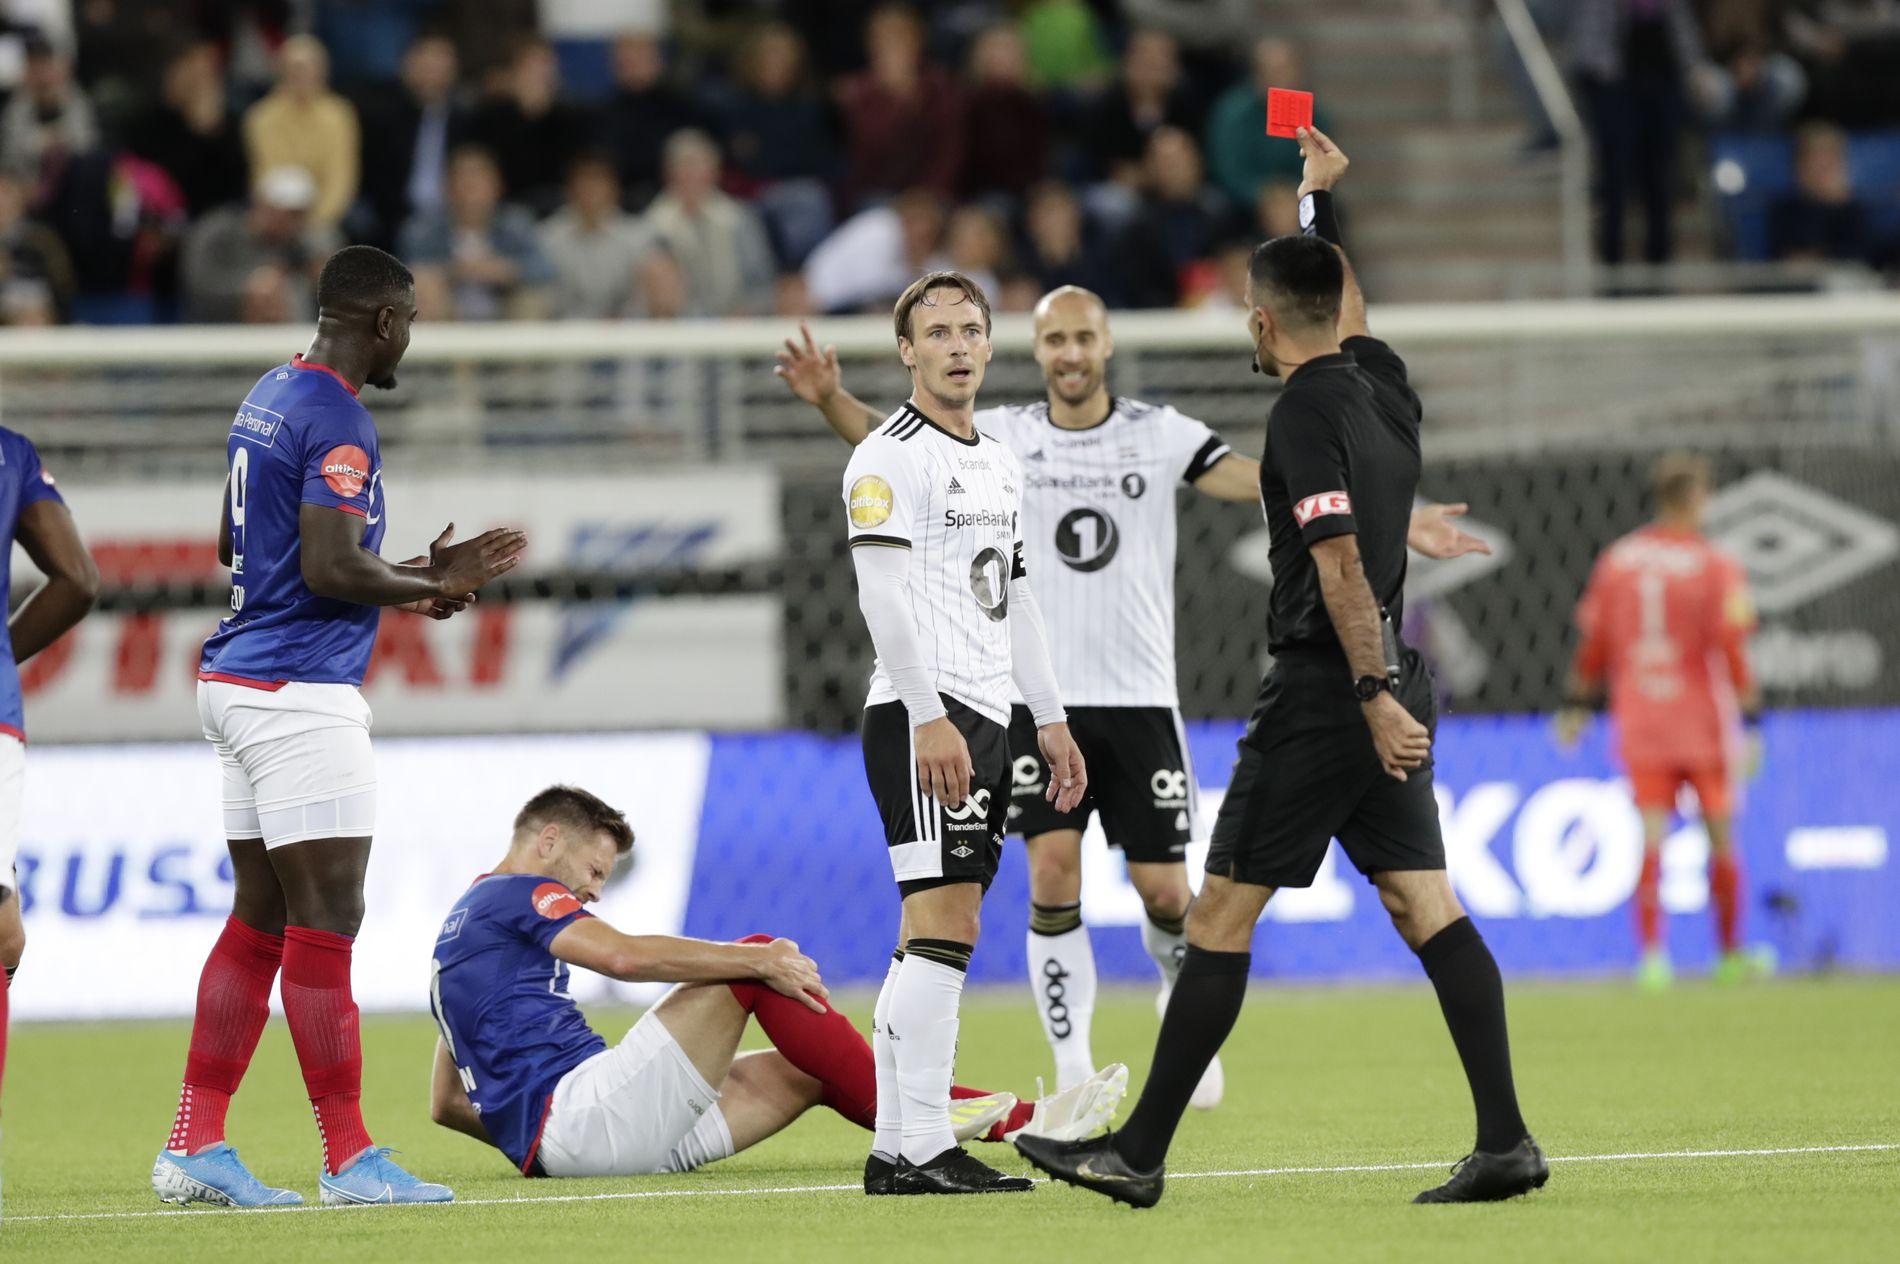 Mike Jensen ble sendt av banen da han gikk altfor hardt inn i en takling med sin gamle lagkamerat Matthias Vilhjálmsson.